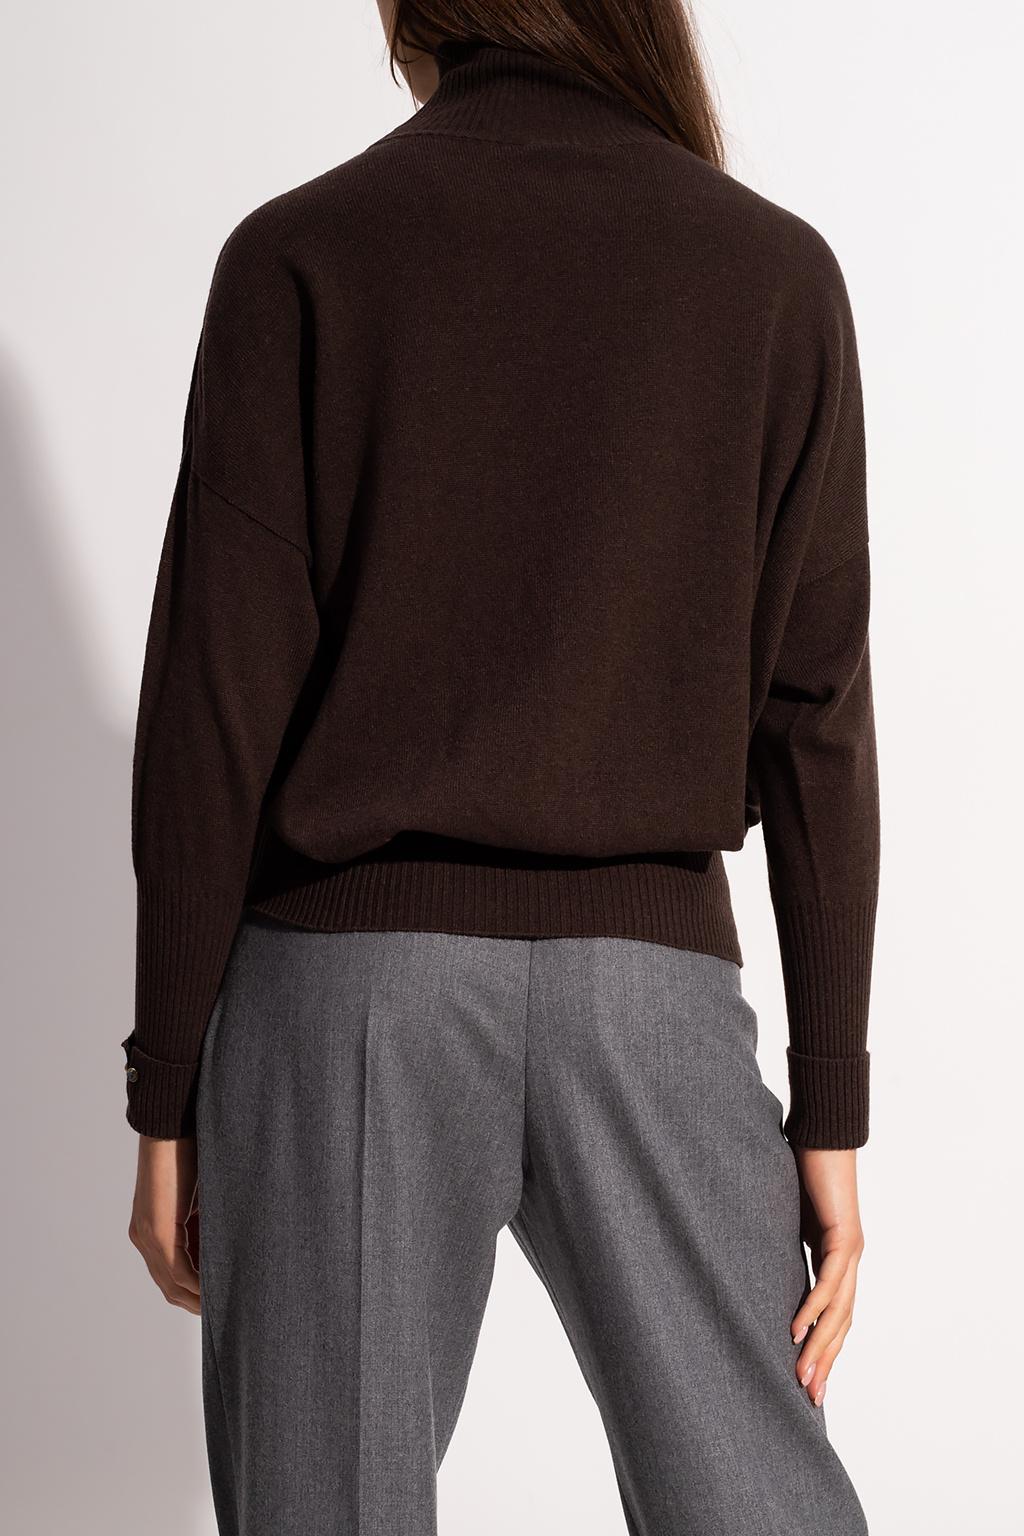 Agnona Cashmere turtleneck sweater